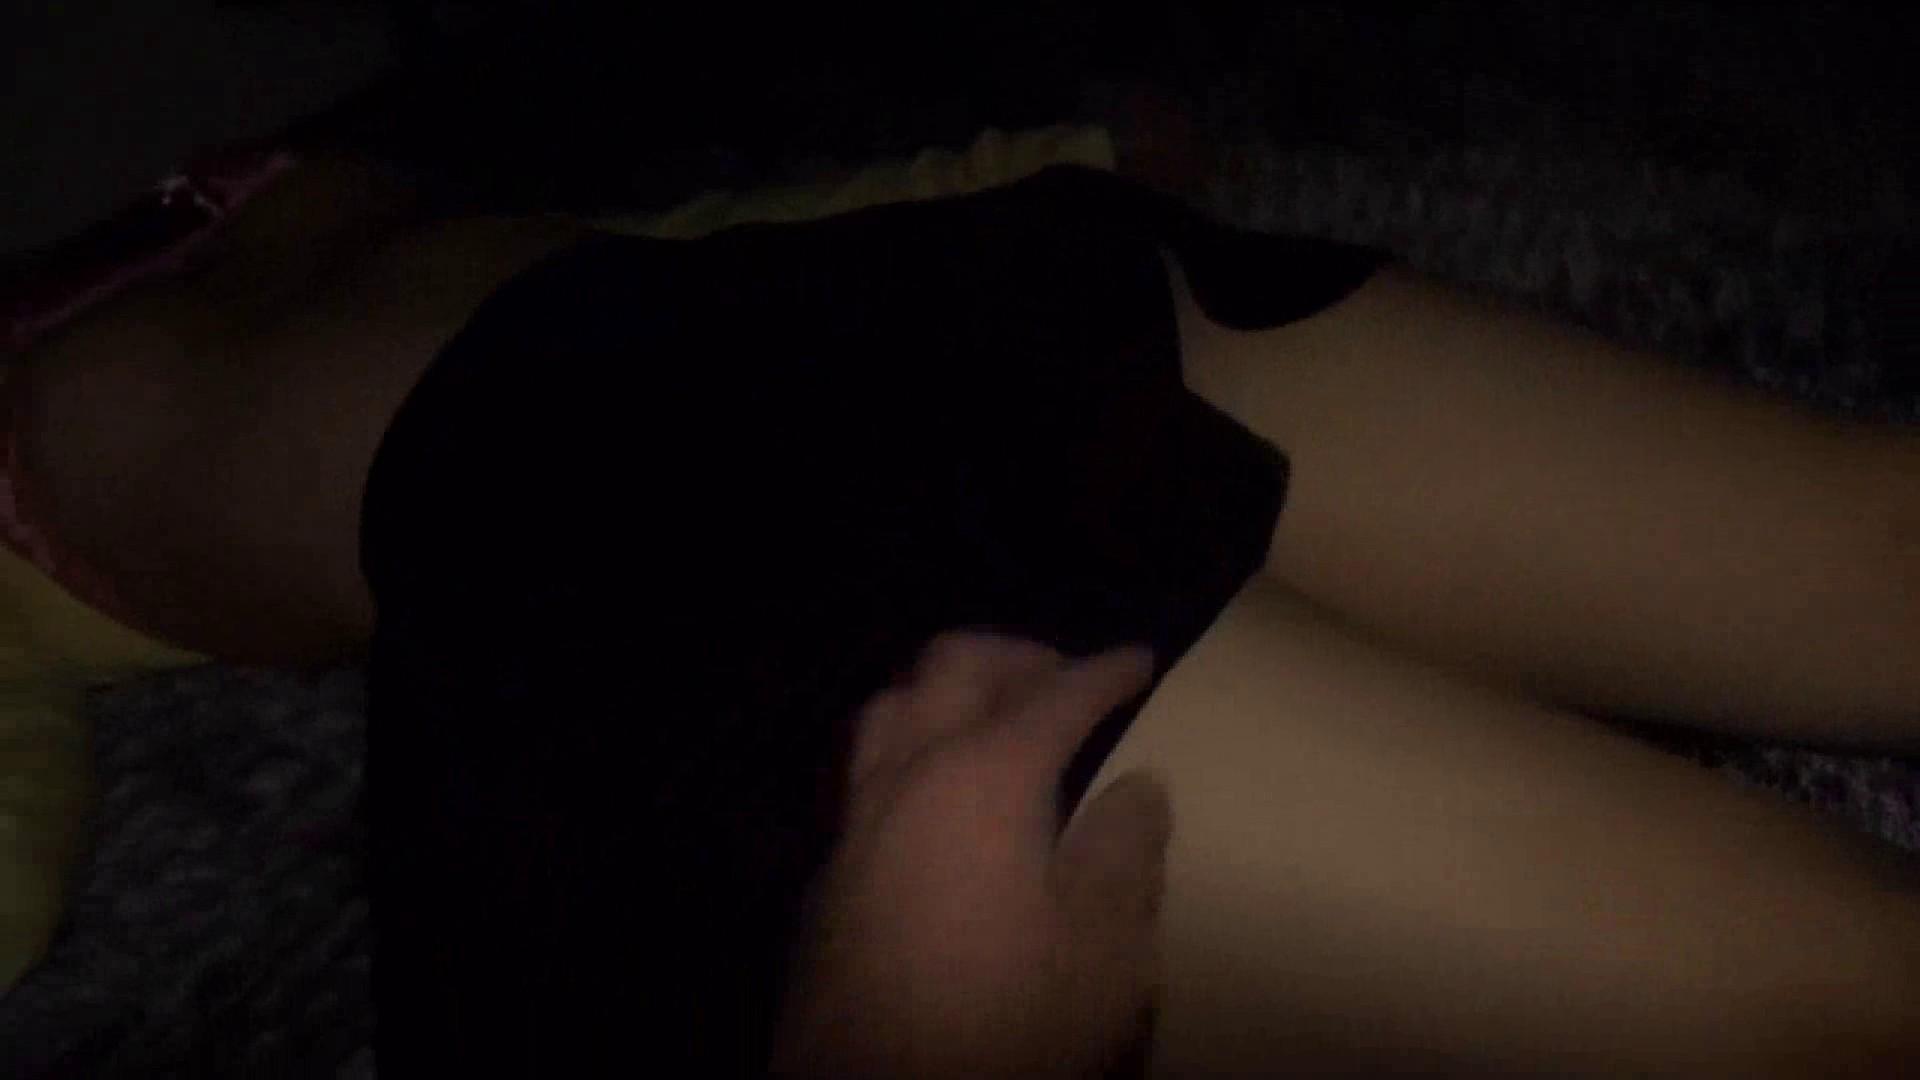 ギャルエロ娘の反乱 Vol.04 美女OL | SEXプレイ  97連発 97